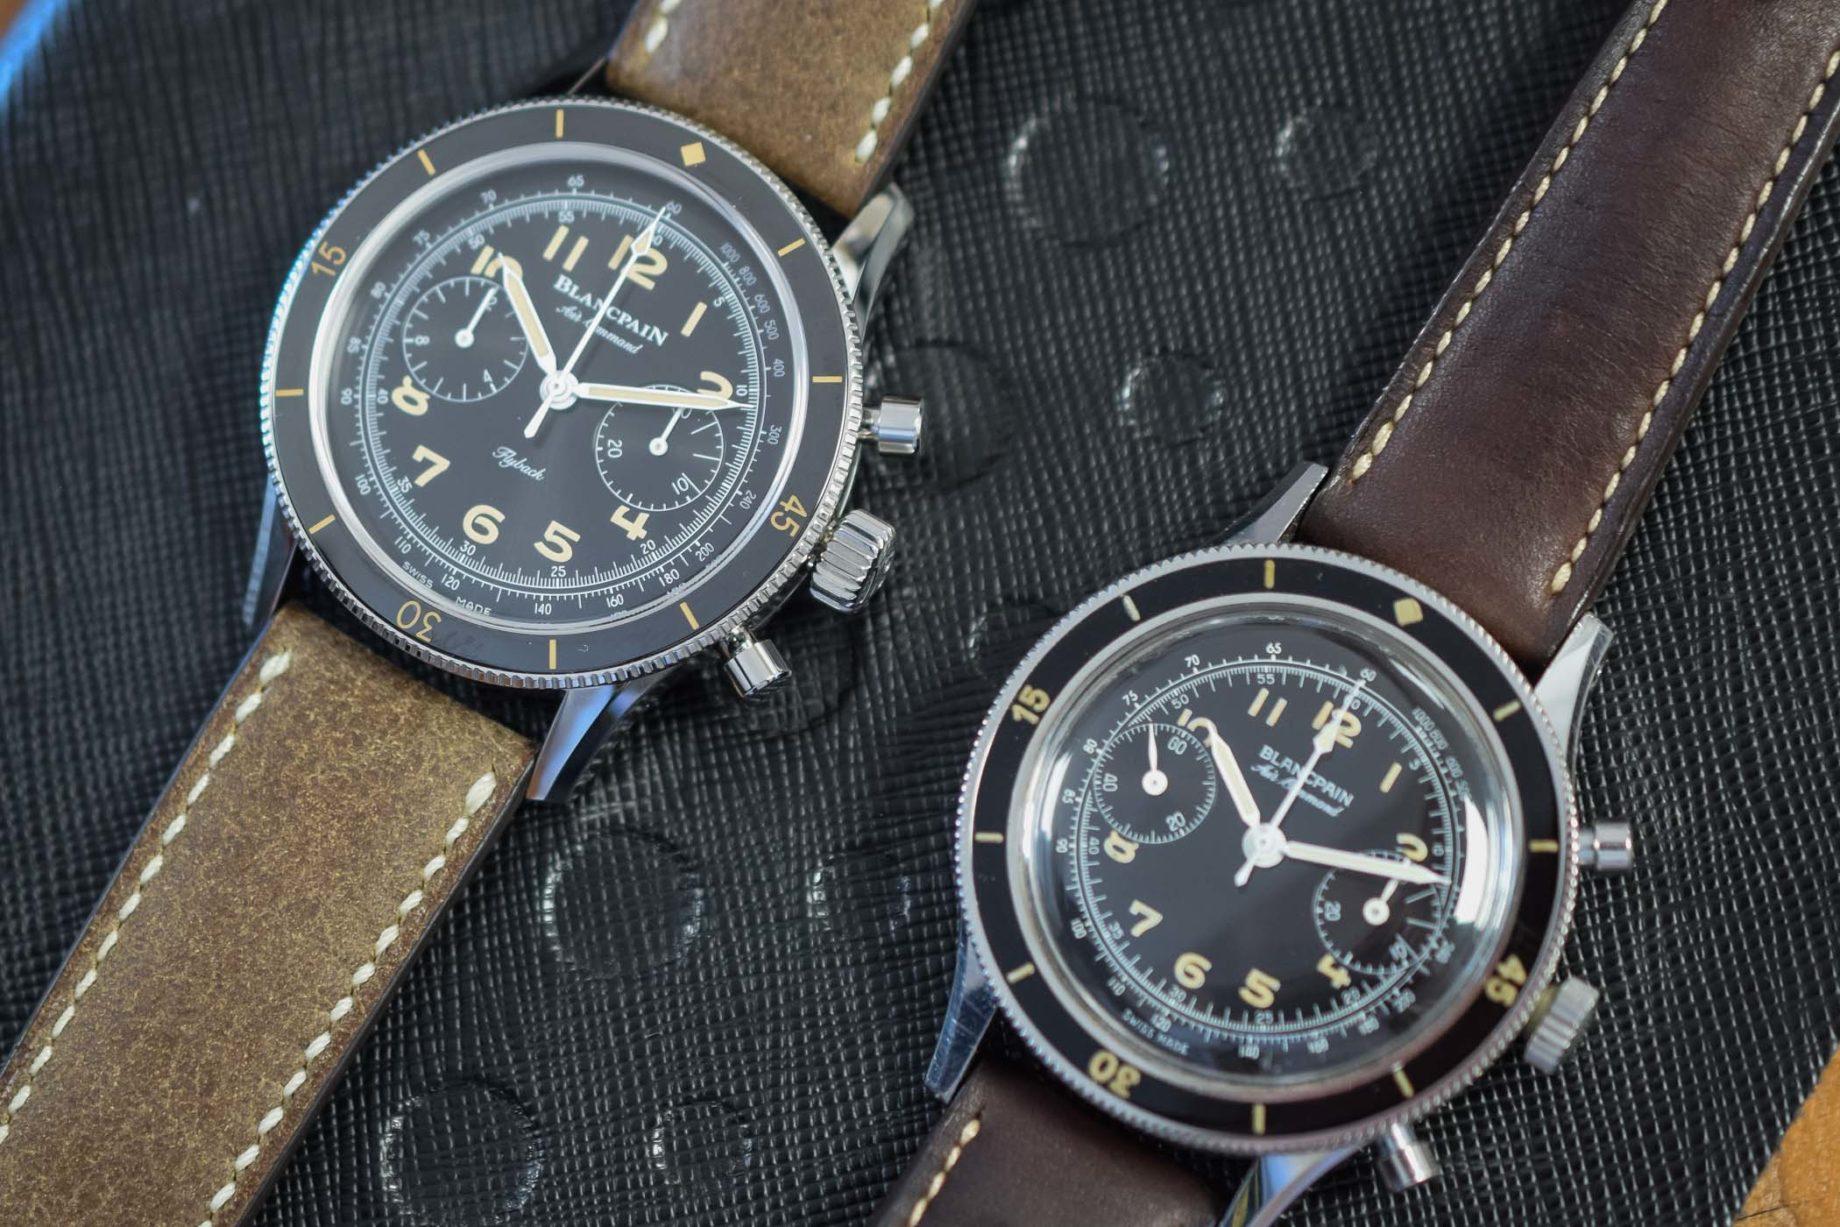 Blancpain Air Command: oryginał (po prawej) i reedycja / foto: Monochrome-watches.com